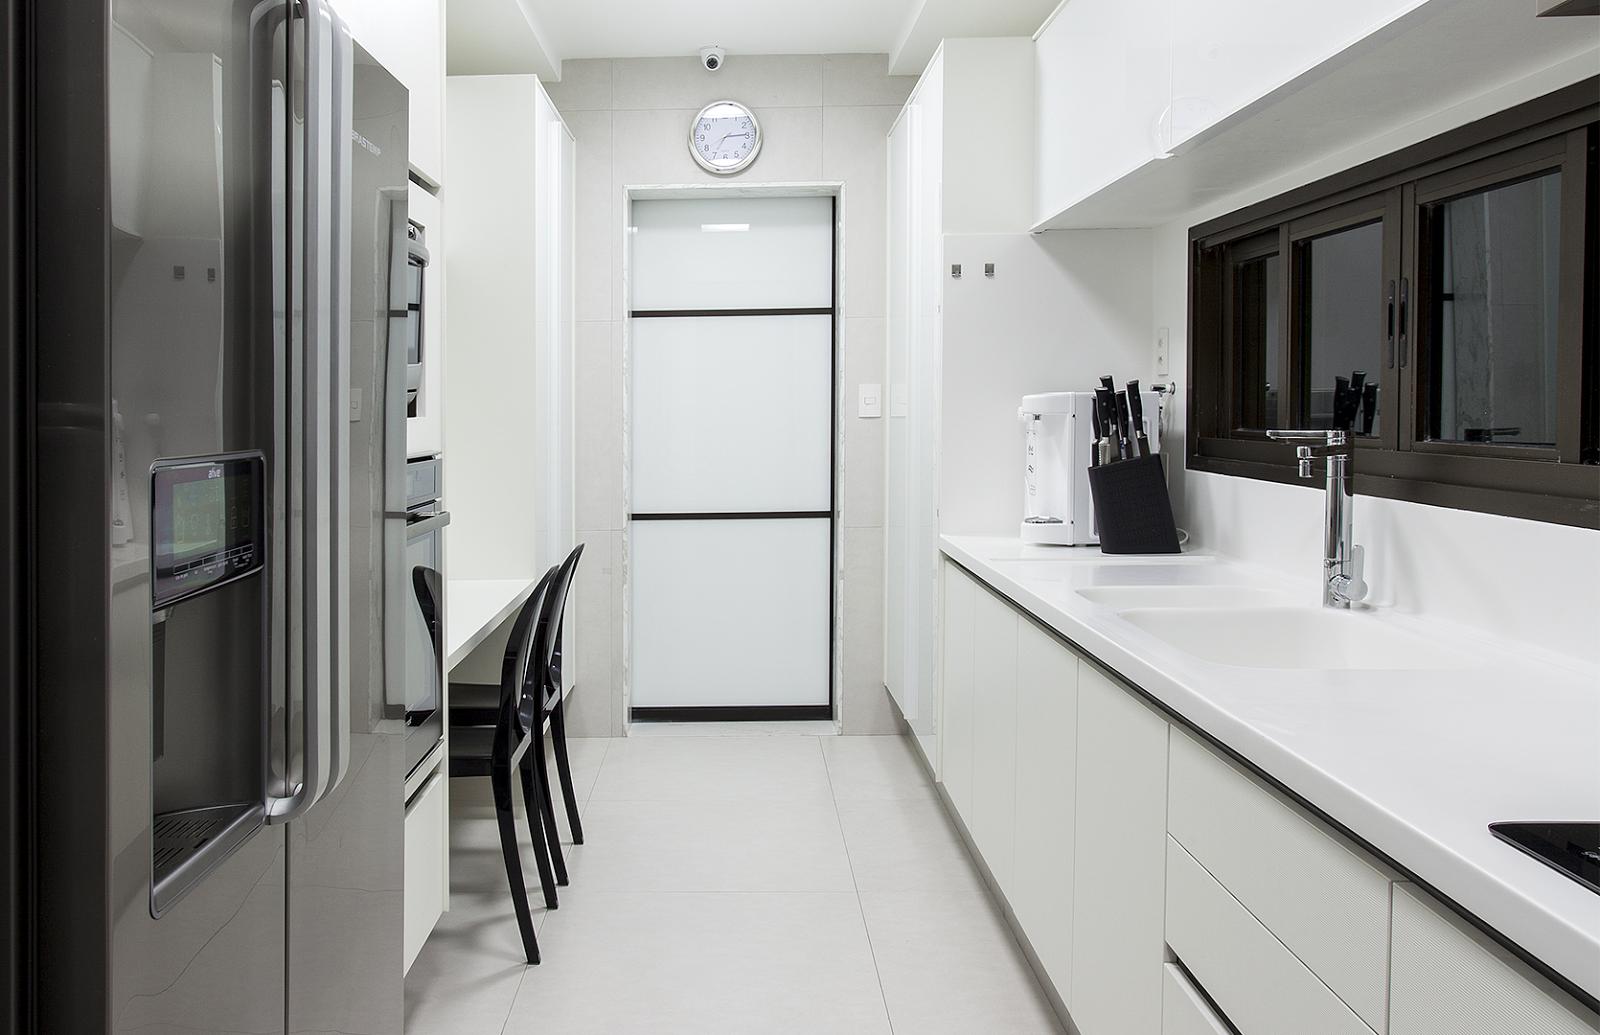 Cozinha corredor preta e branca com mesa encostada na parede maior  #595851 1600 1035